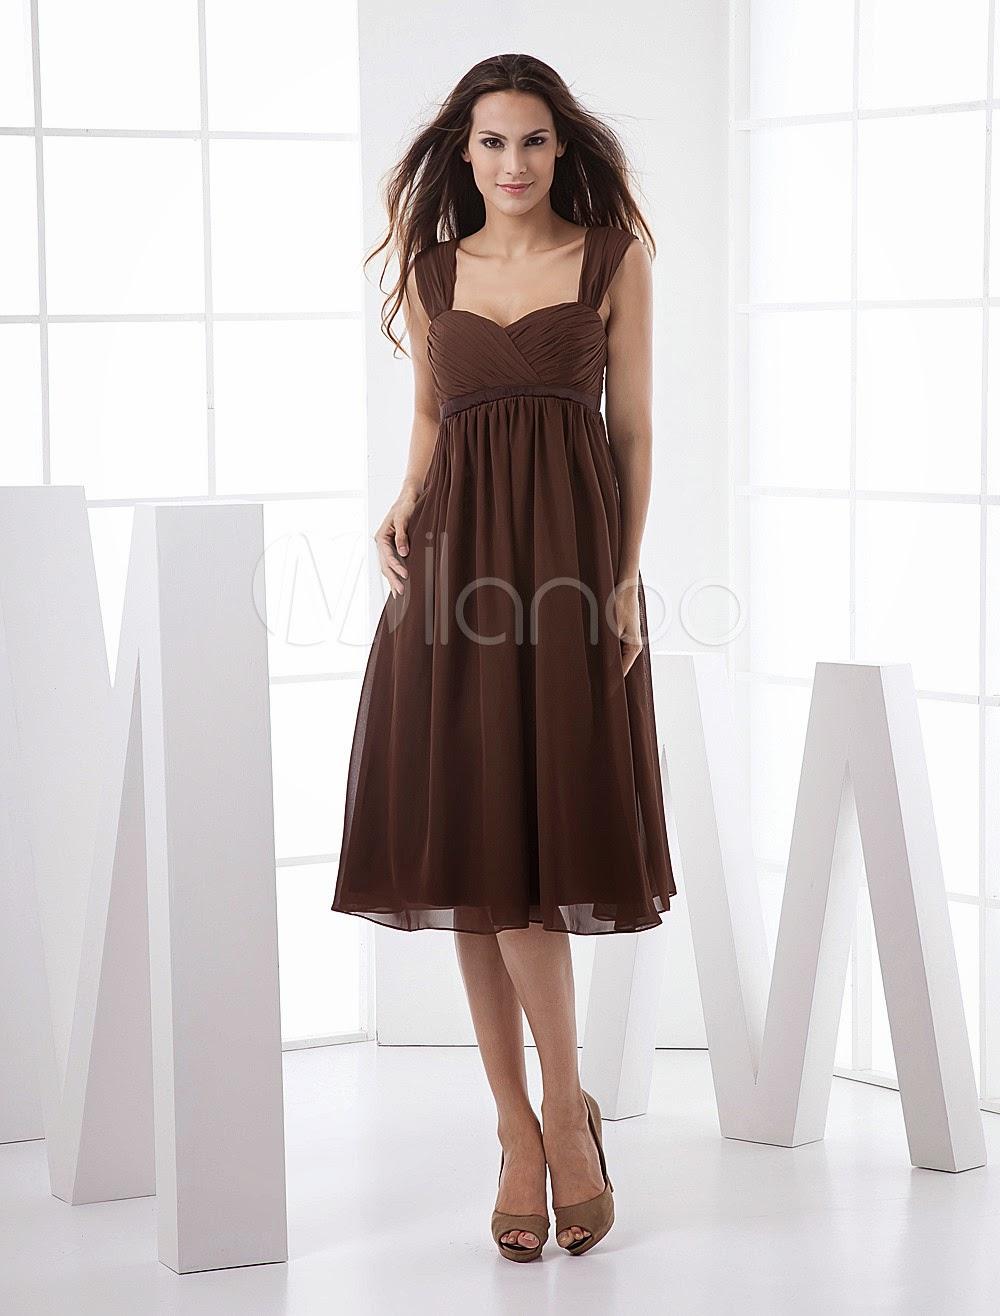 Robes sexy - Robe de soirée taille empire marron en chiffon